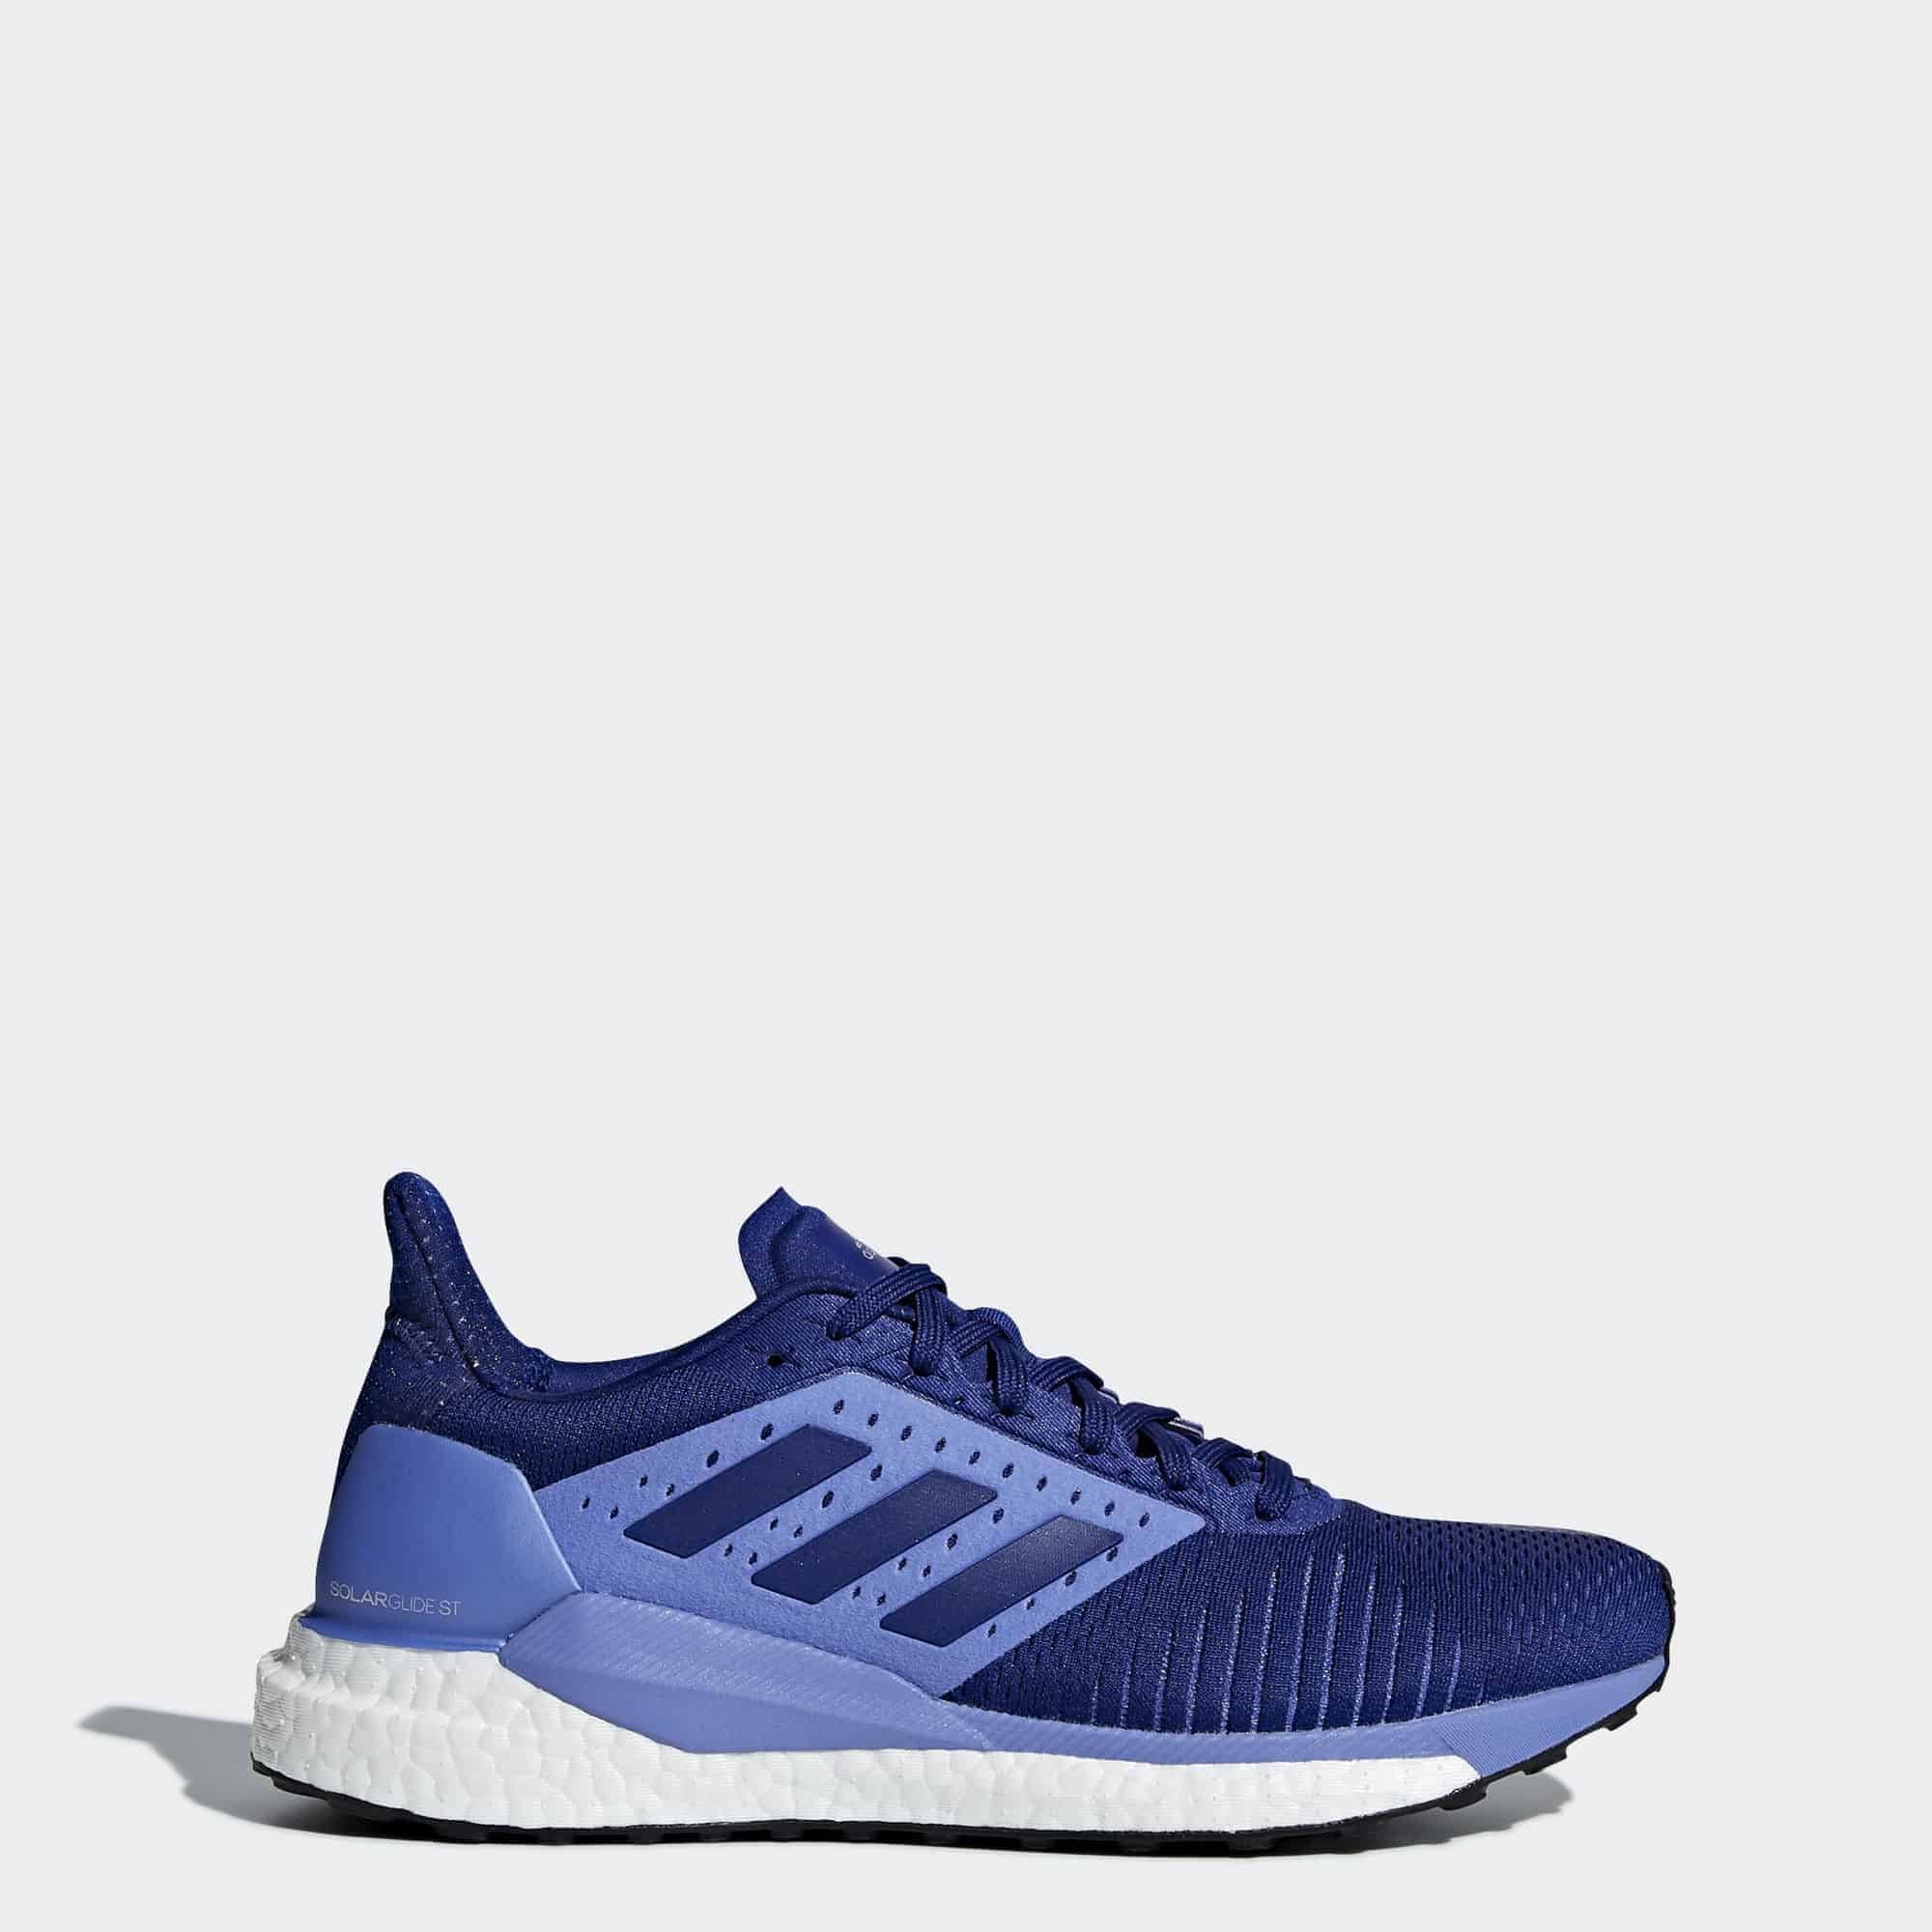 Кроссовки для бега Adidas Solar Glide ST женские